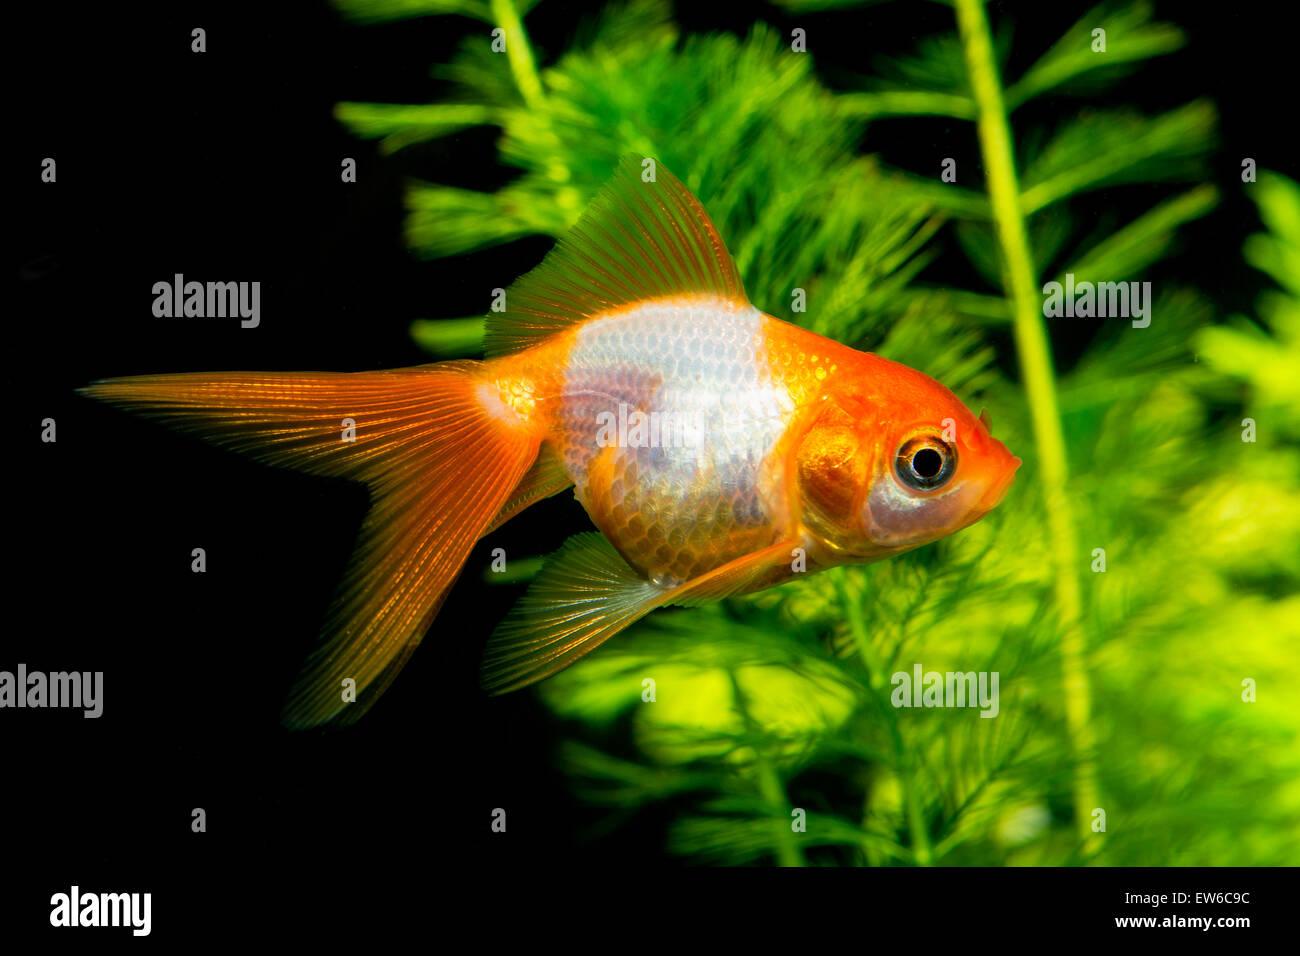 White Goldfish Stock Photos & White Goldfish Stock Images - Alamy